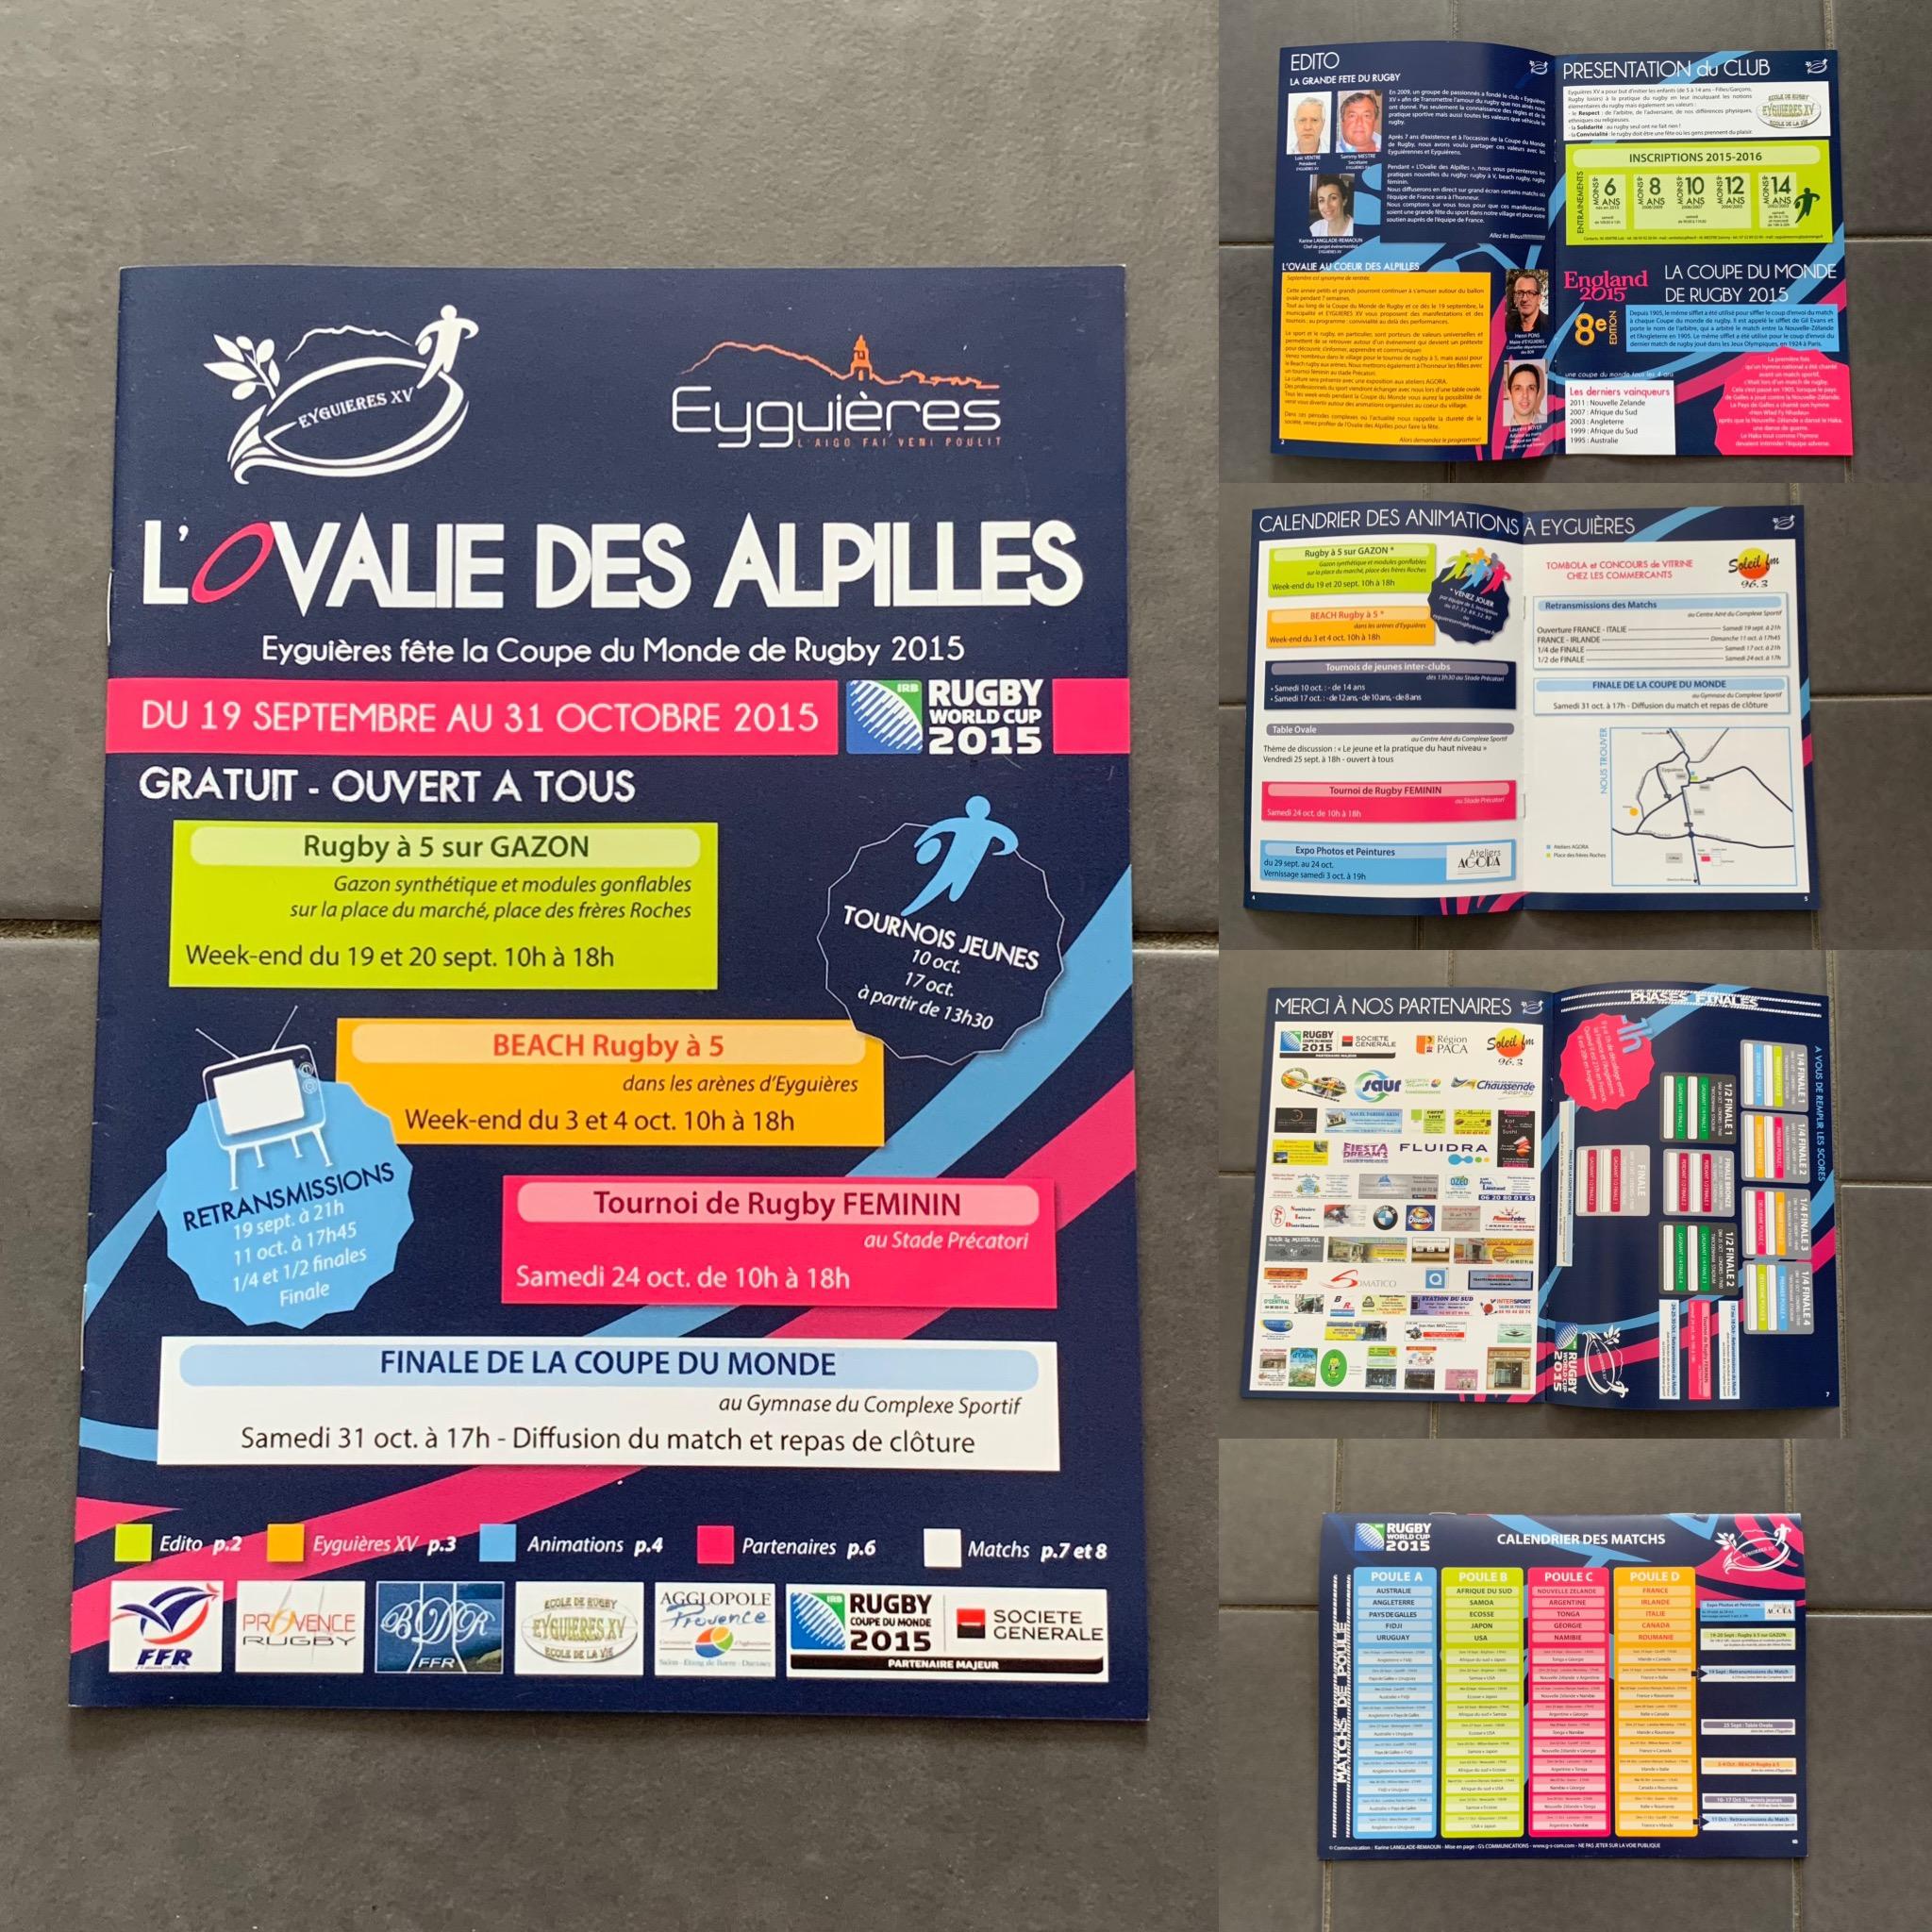 Ovalie des Alpilles Eyguières (13) - Brochure